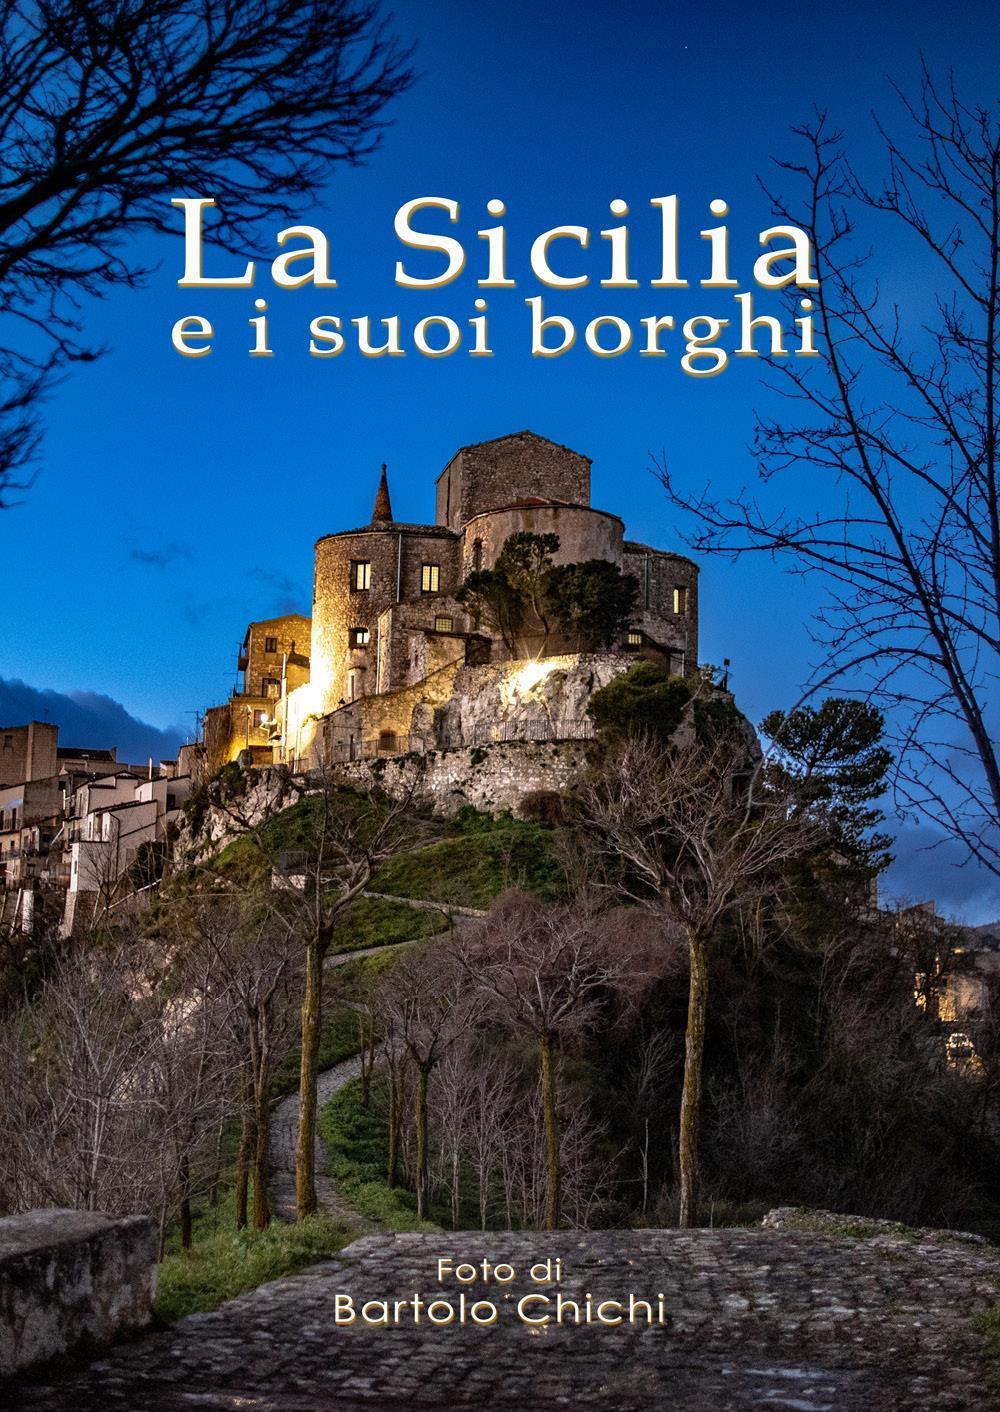 La Sicilia e i suoi borghi